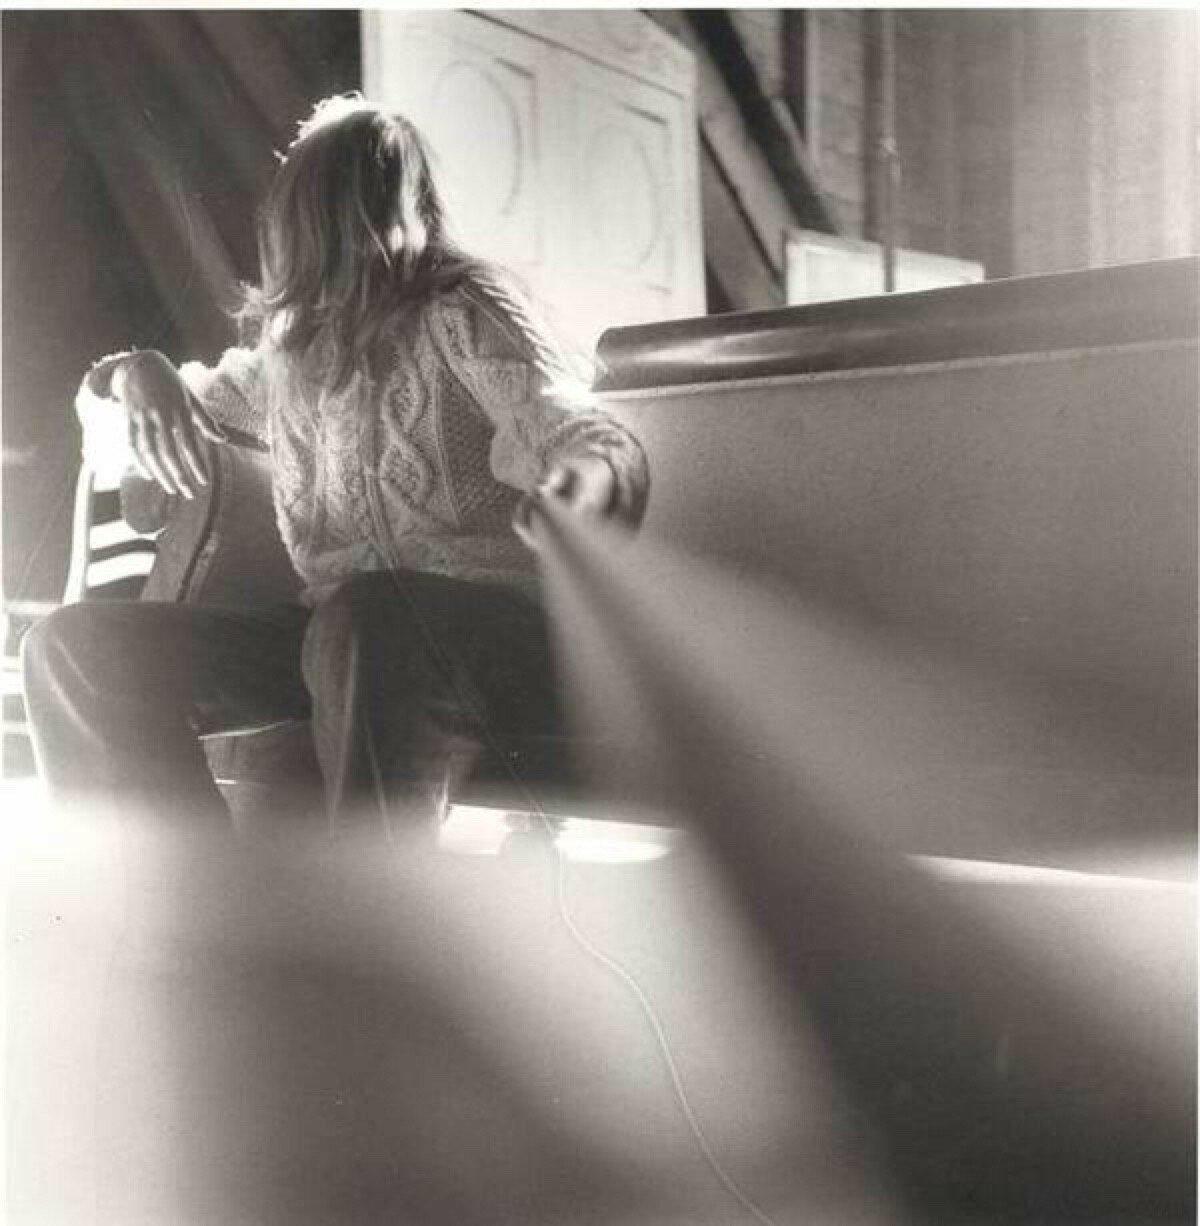 1971. Автопортрет в 13 лет. Первая работа Франчески